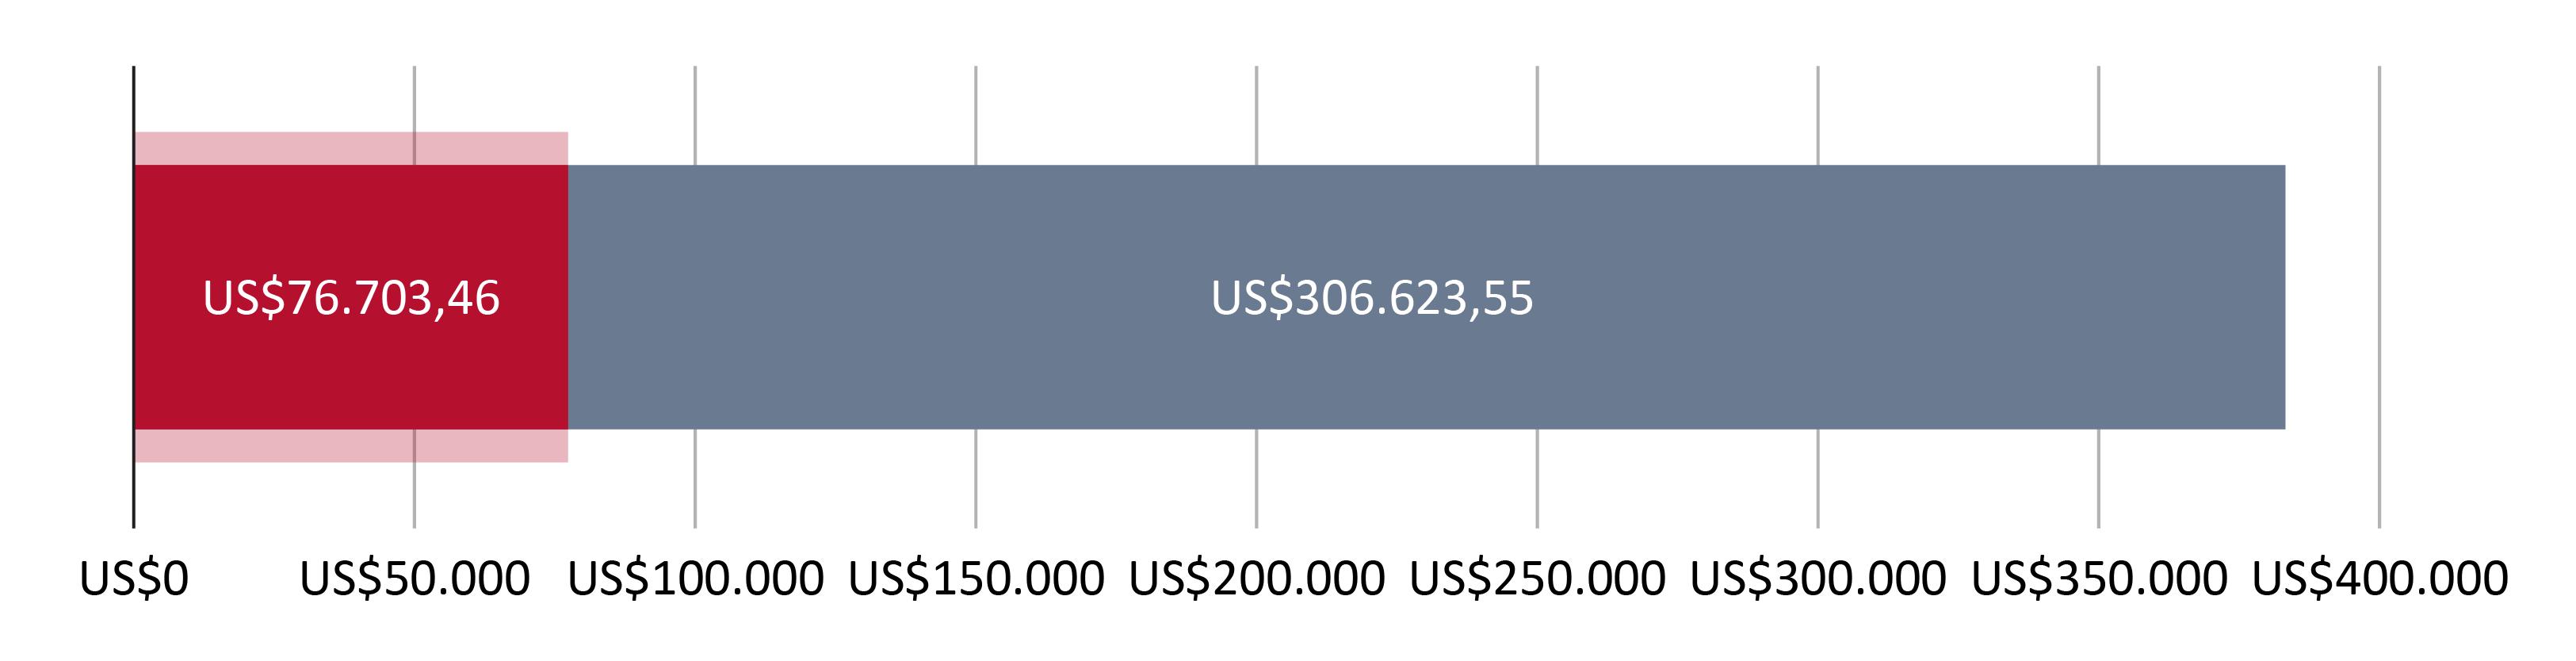 Digunakan US$76.703,46; tersisa US$306.623,55